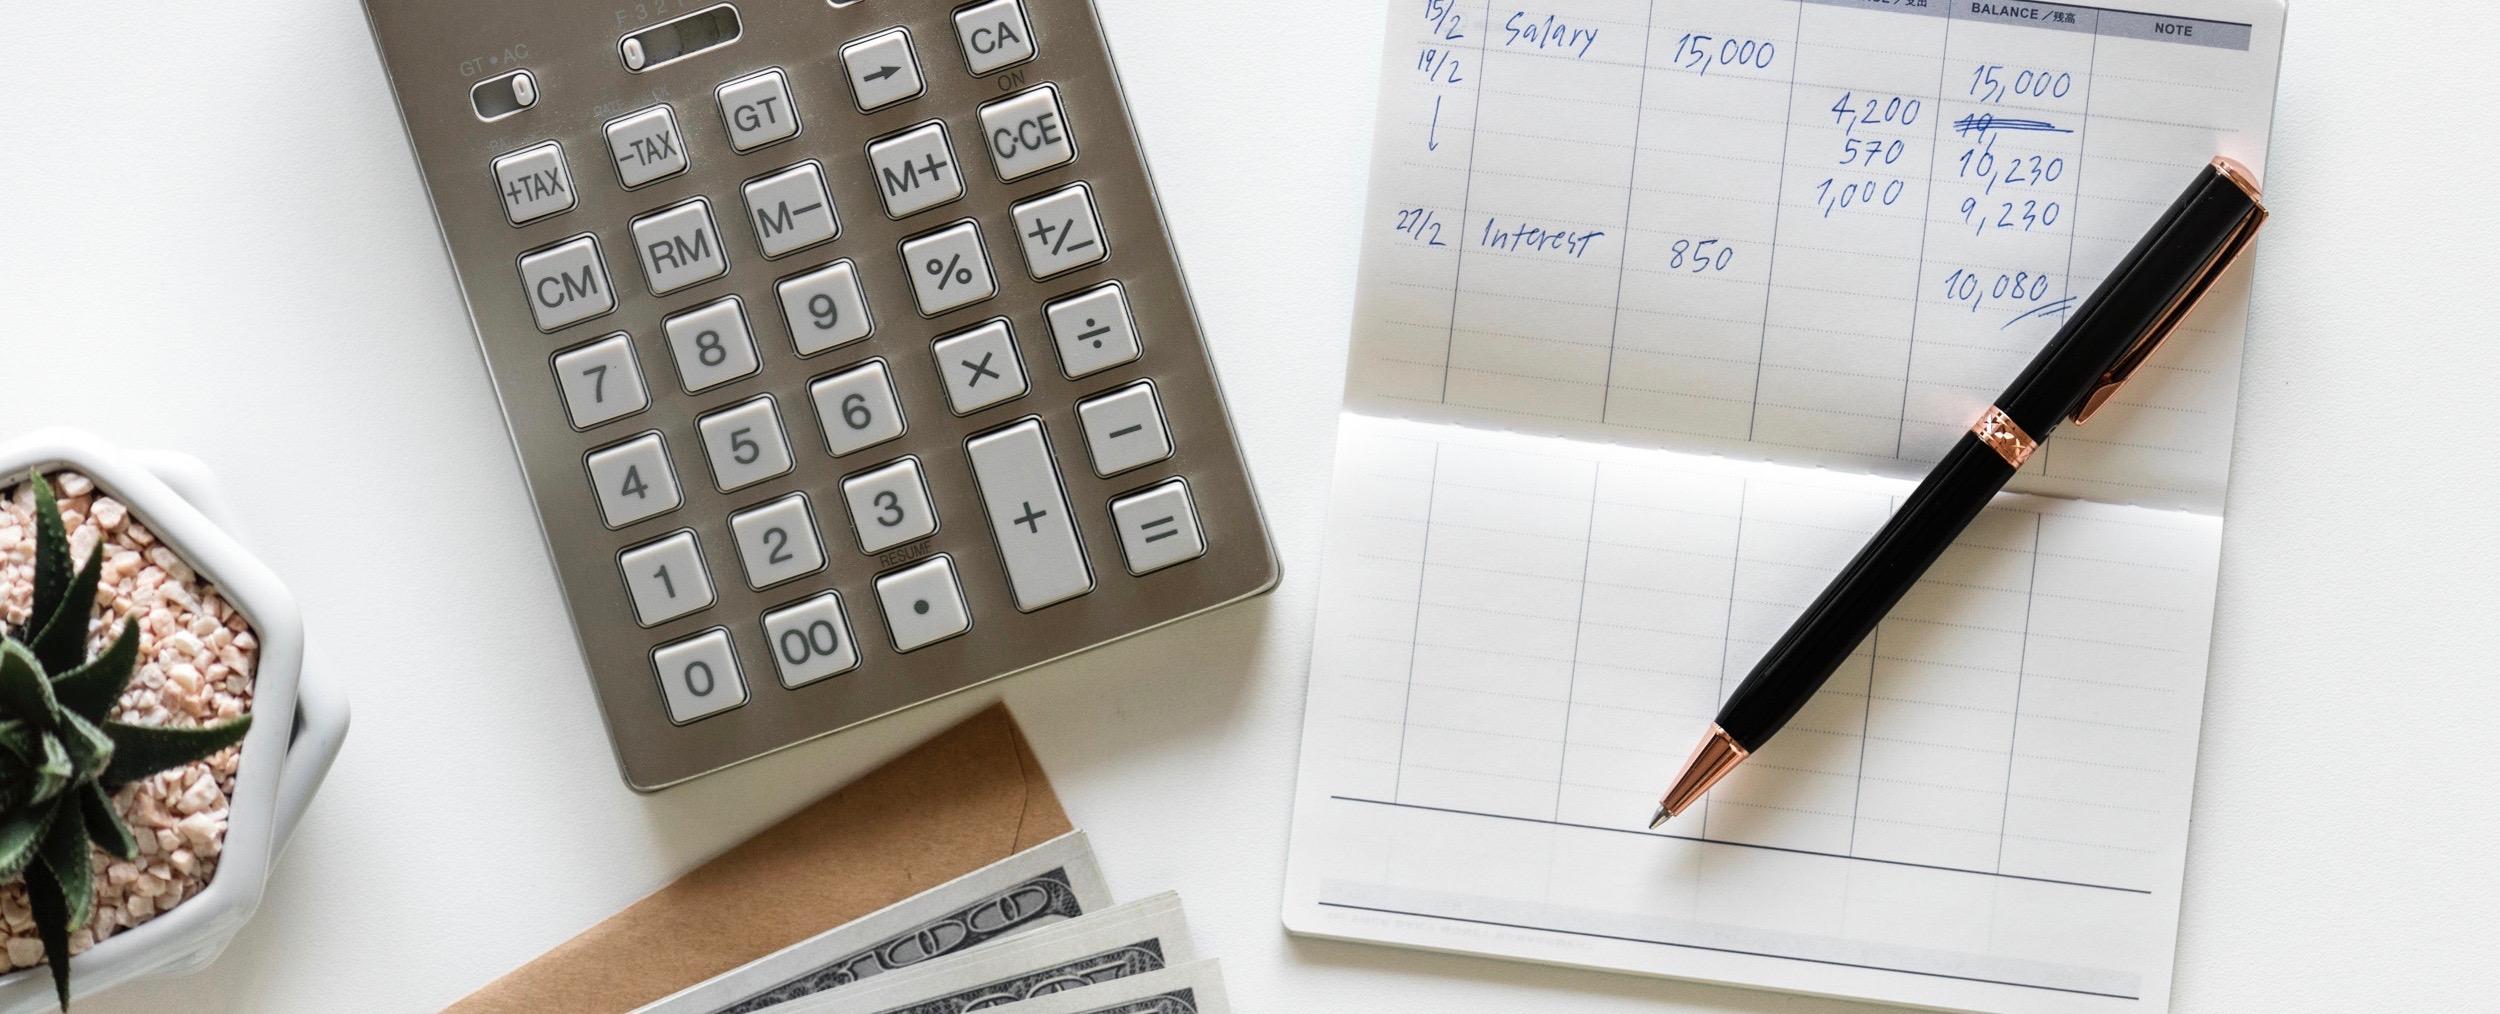 calculadora finiquito liquidacion